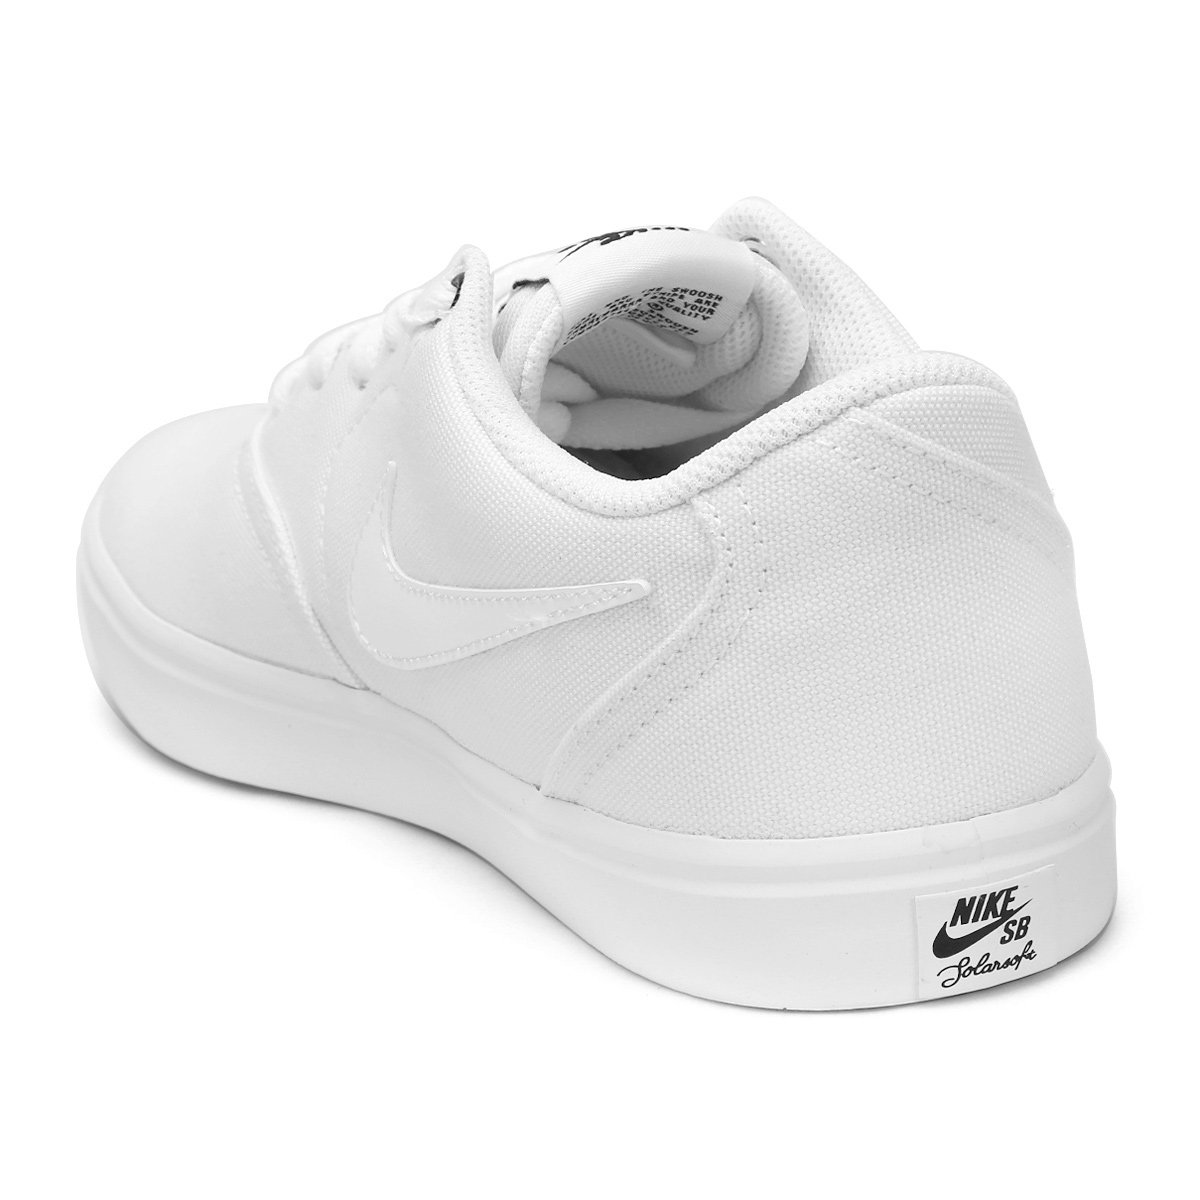 Tênis Nike Wmns Sb Check Solar Cnvs Feminino - Branco e Preto ... 335f064b45c0b